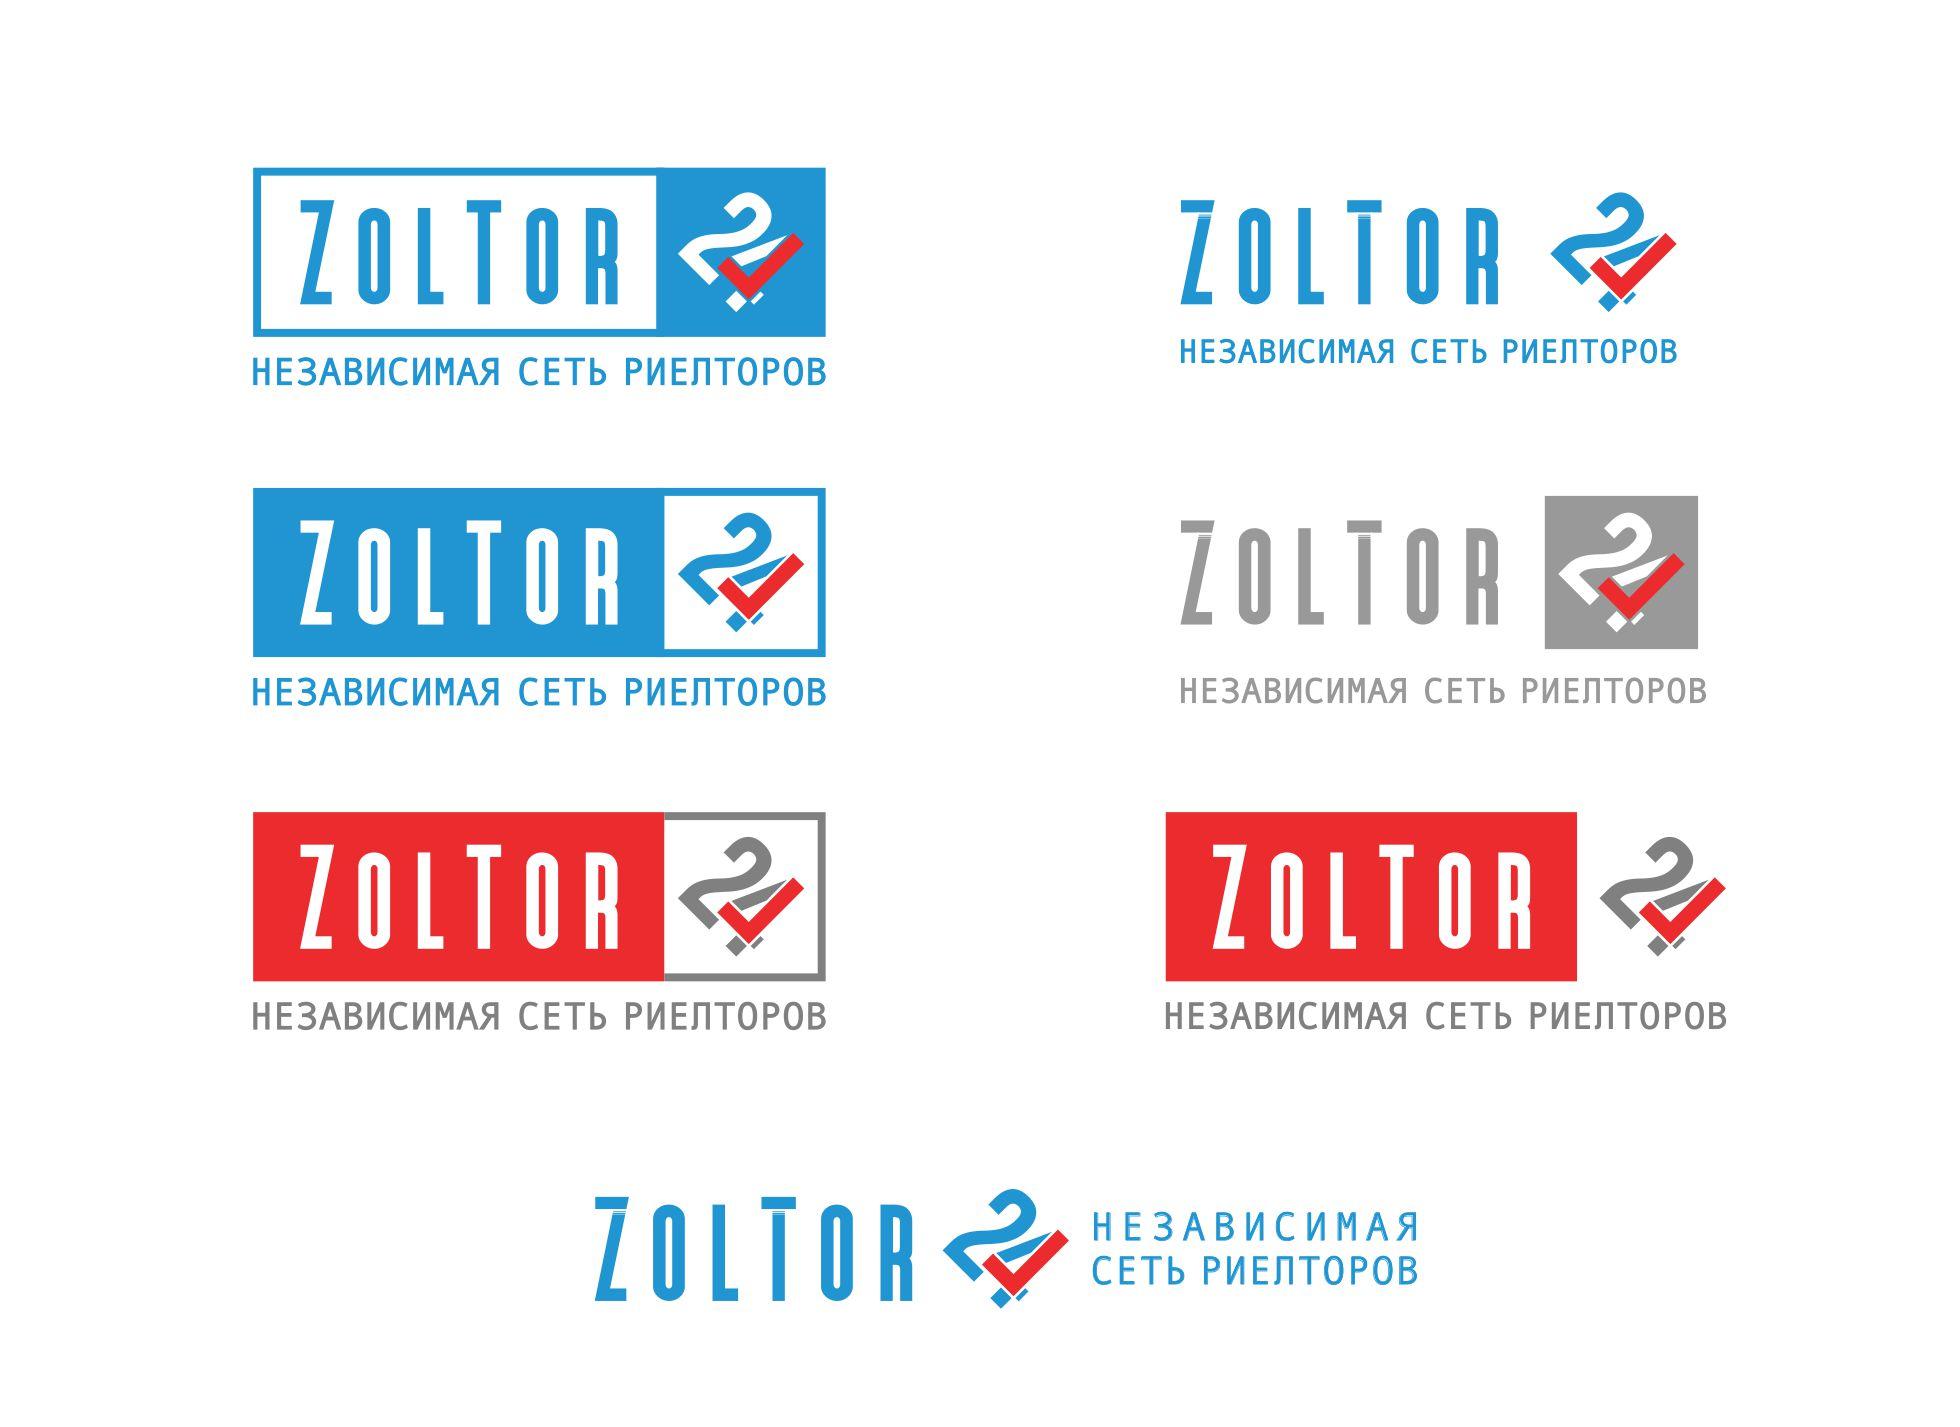 Логотип и фирменный стиль ZolTor24 фото f_9525c8a1f9a2161e.jpg